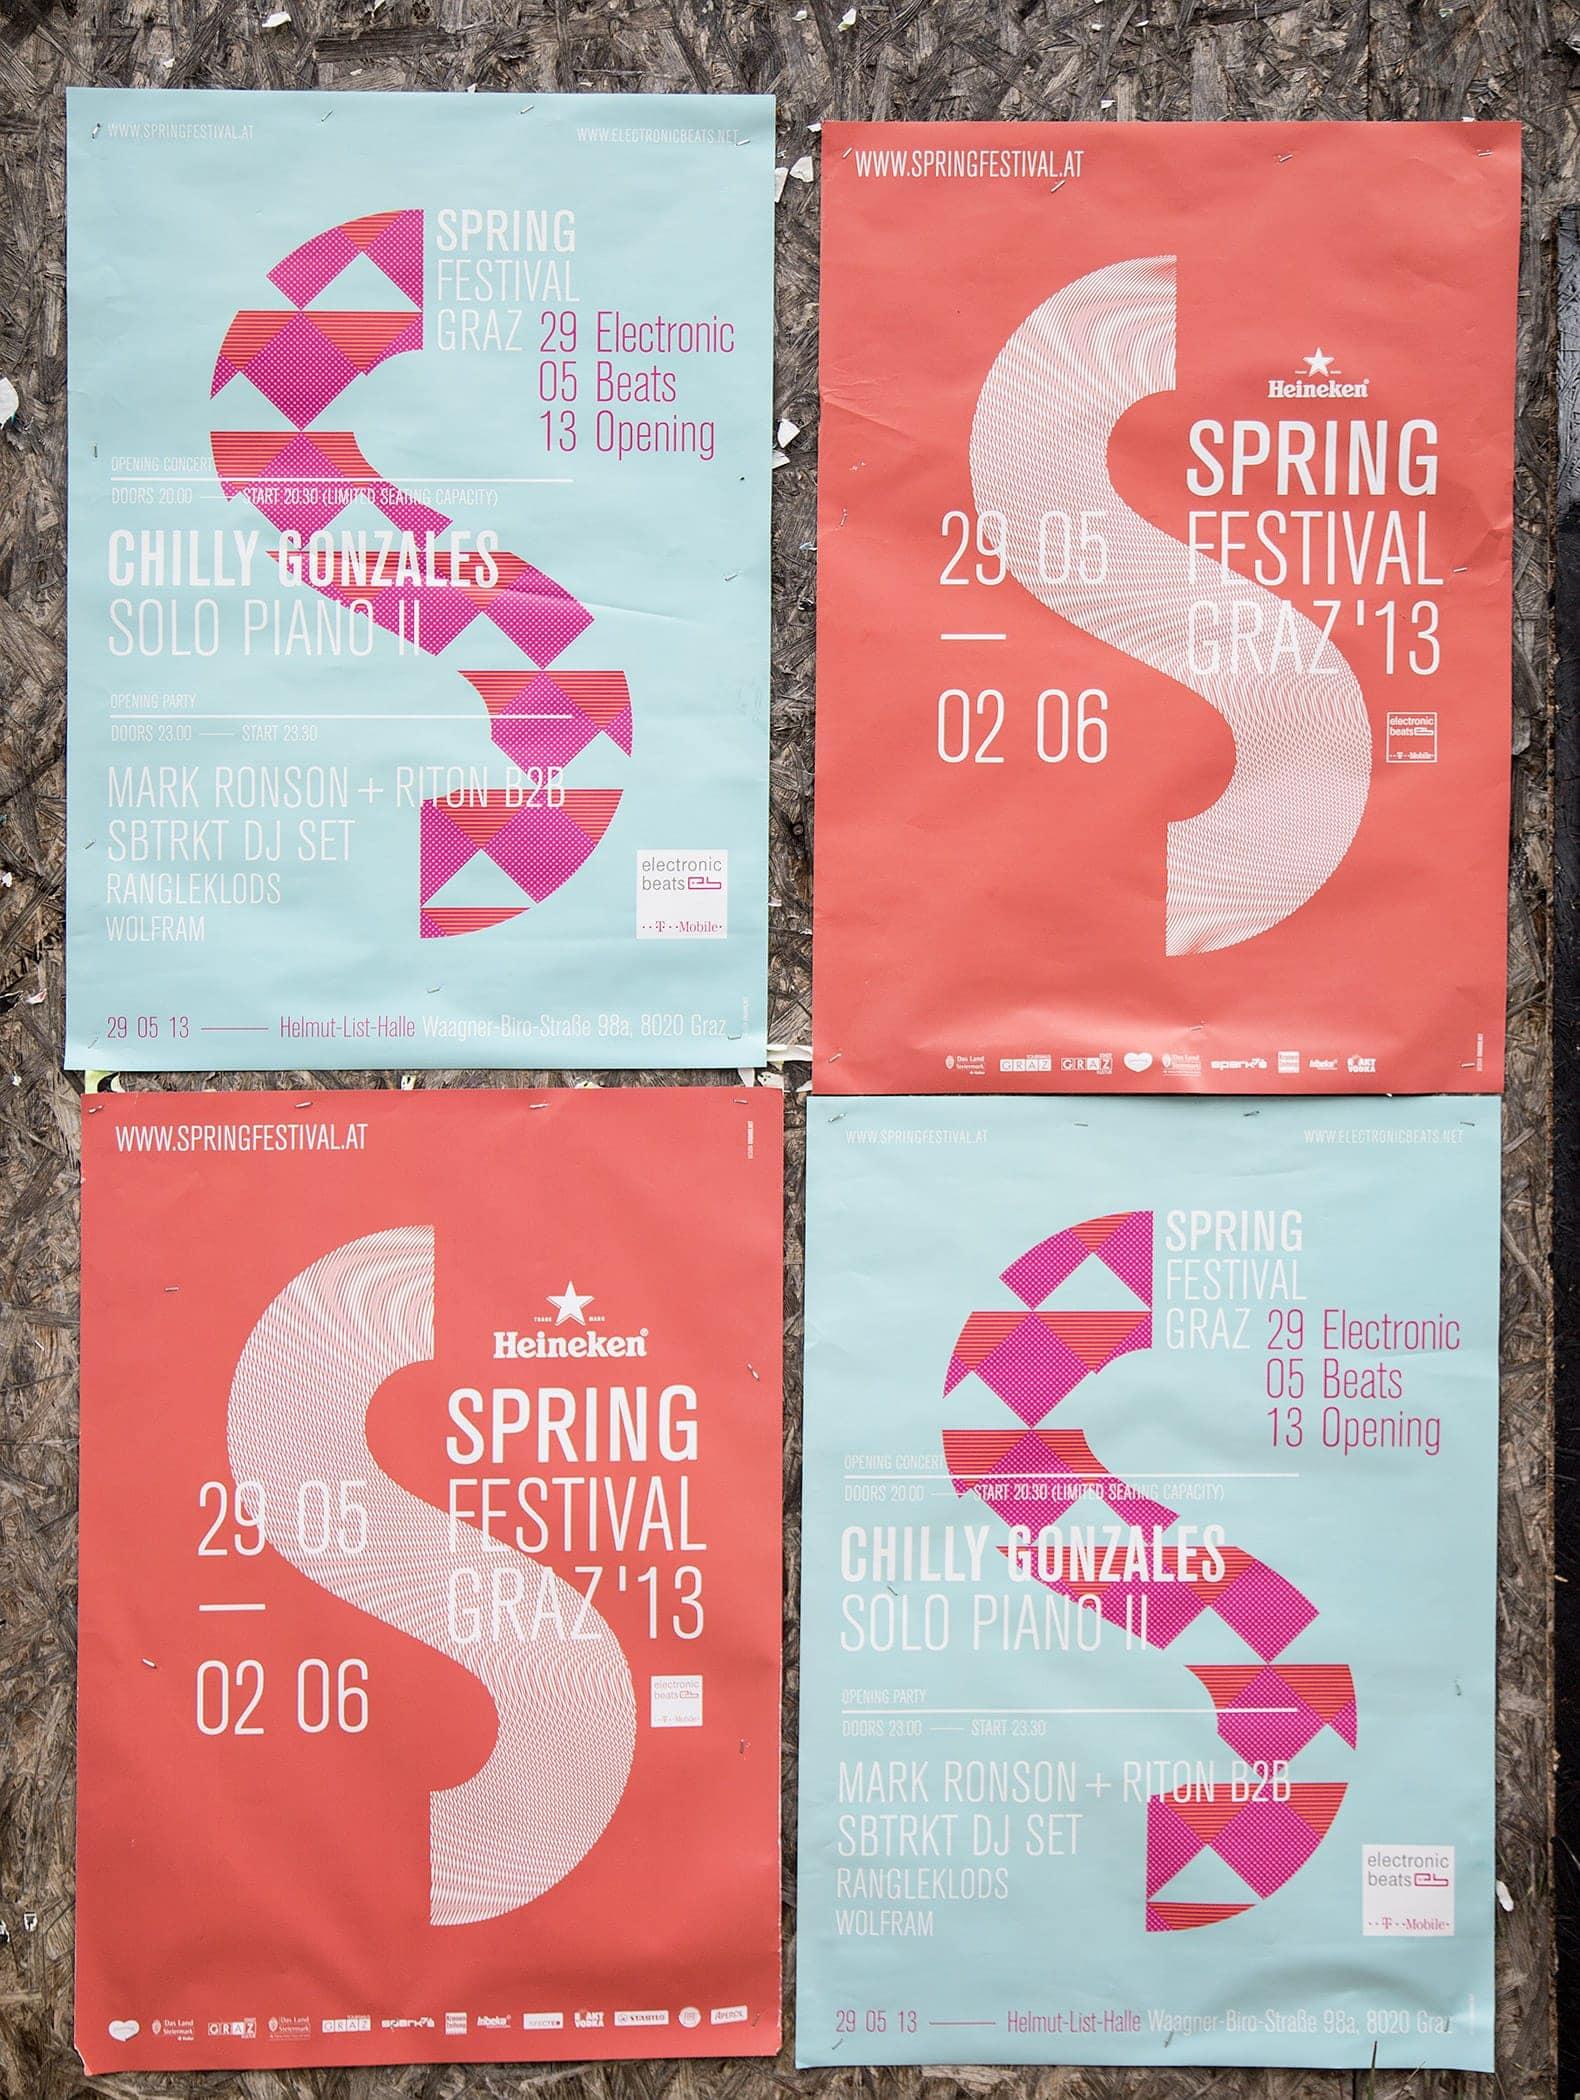 Spring Festival Graz Branding